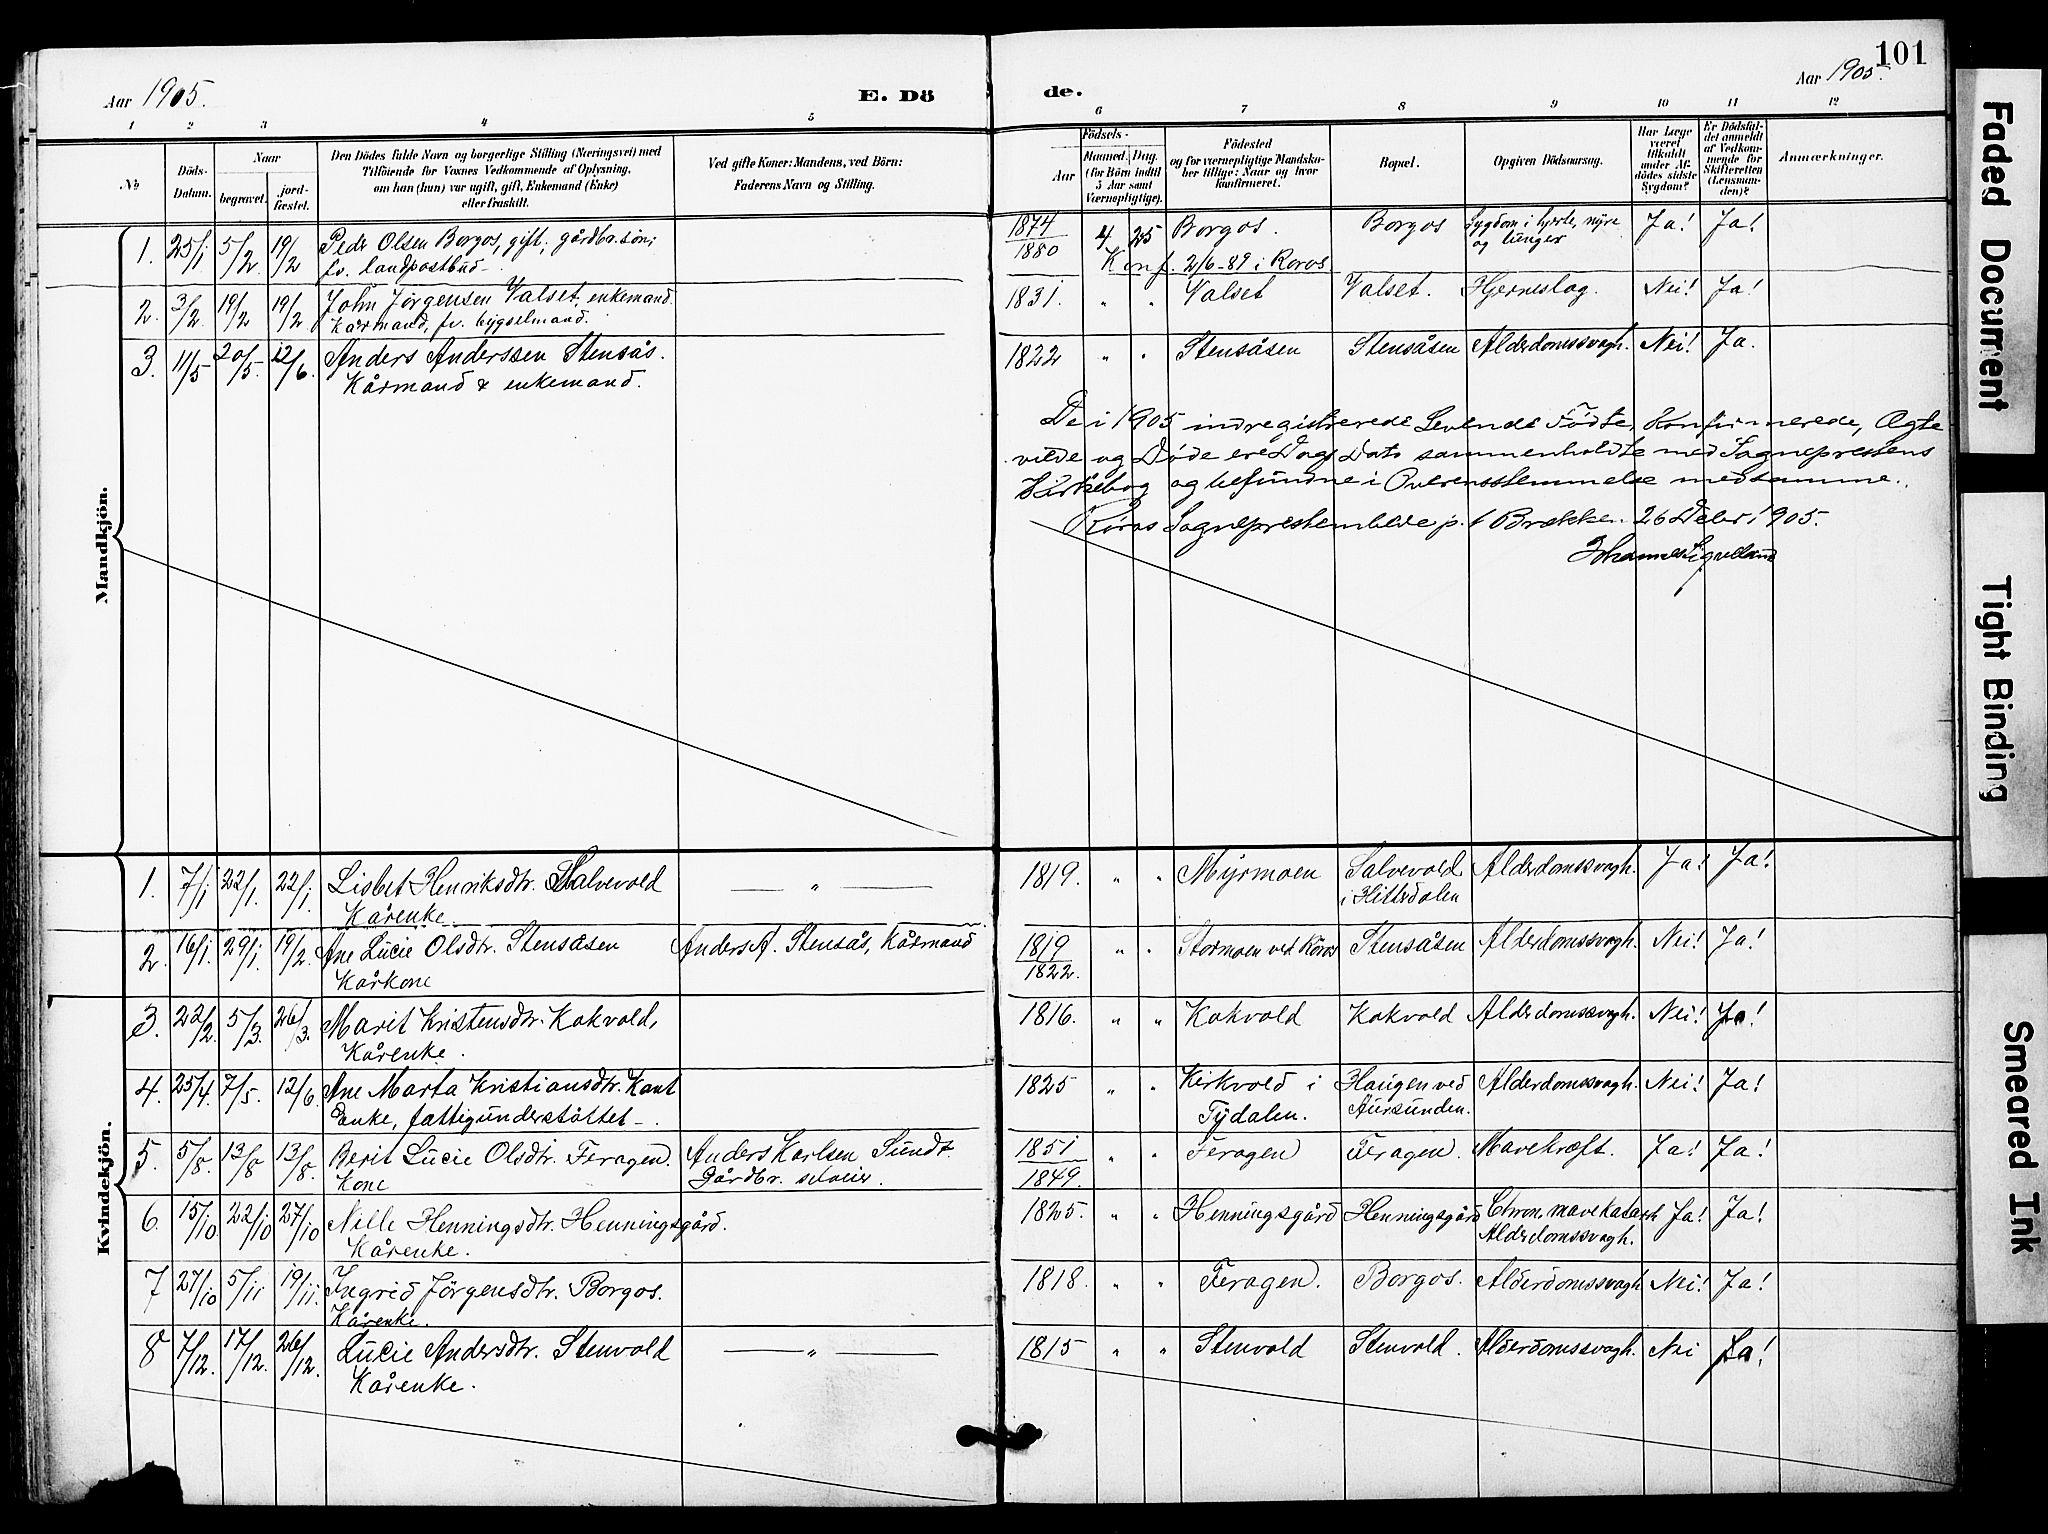 SAT, Ministerialprotokoller, klokkerbøker og fødselsregistre - Sør-Trøndelag, 683/L0950: Klokkerbok nr. 683C02, 1897-1918, s. 101